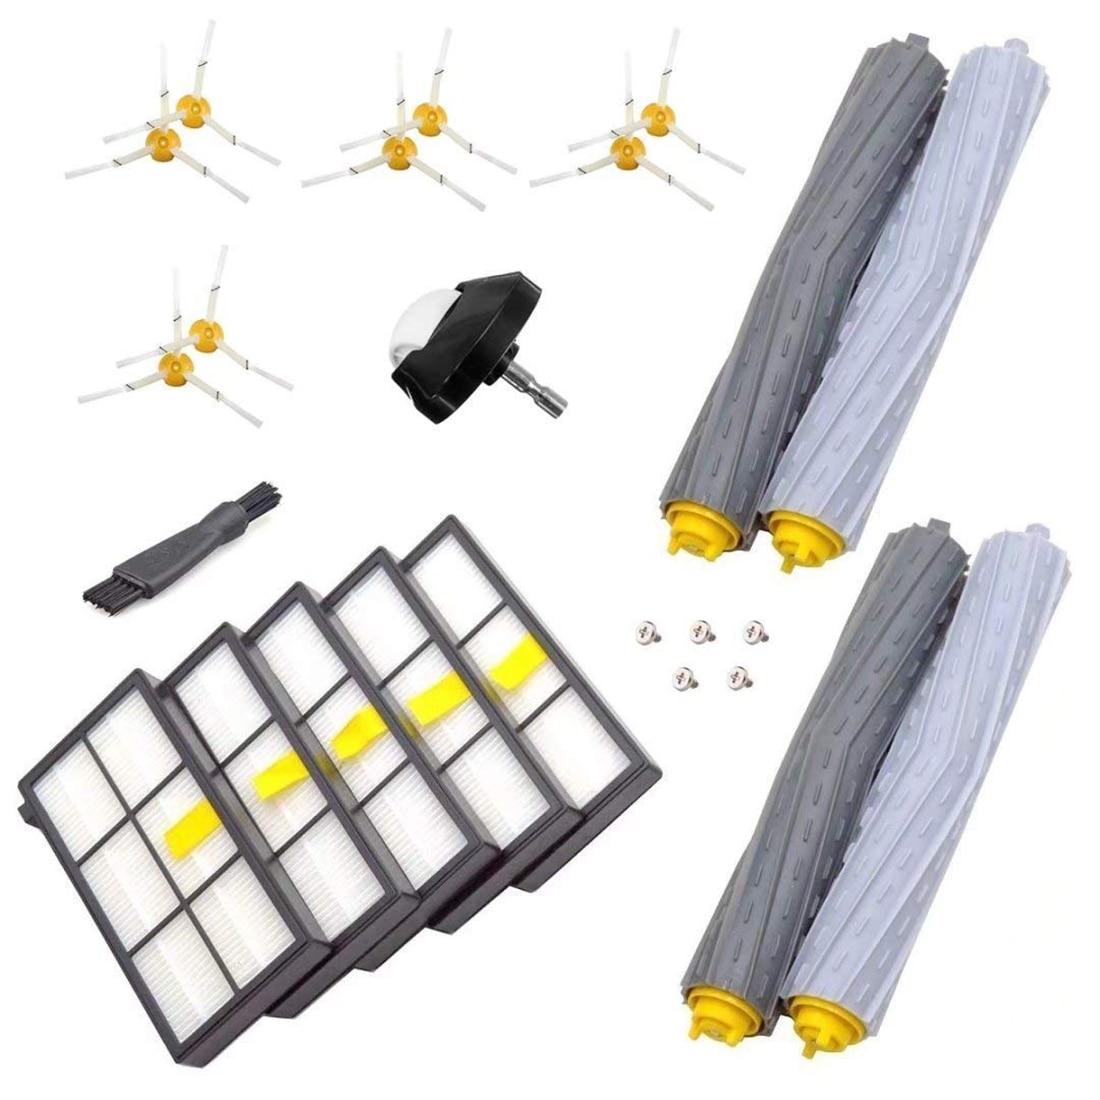 Brush & Filter Replenishment Kit for iRobot Roomba 800 & 900 Series 980 960 890 880 870 860Brush & Filter Replenishment Kit for iRobot Roomba 800 & 900 Series 980 960 890 880 870 860